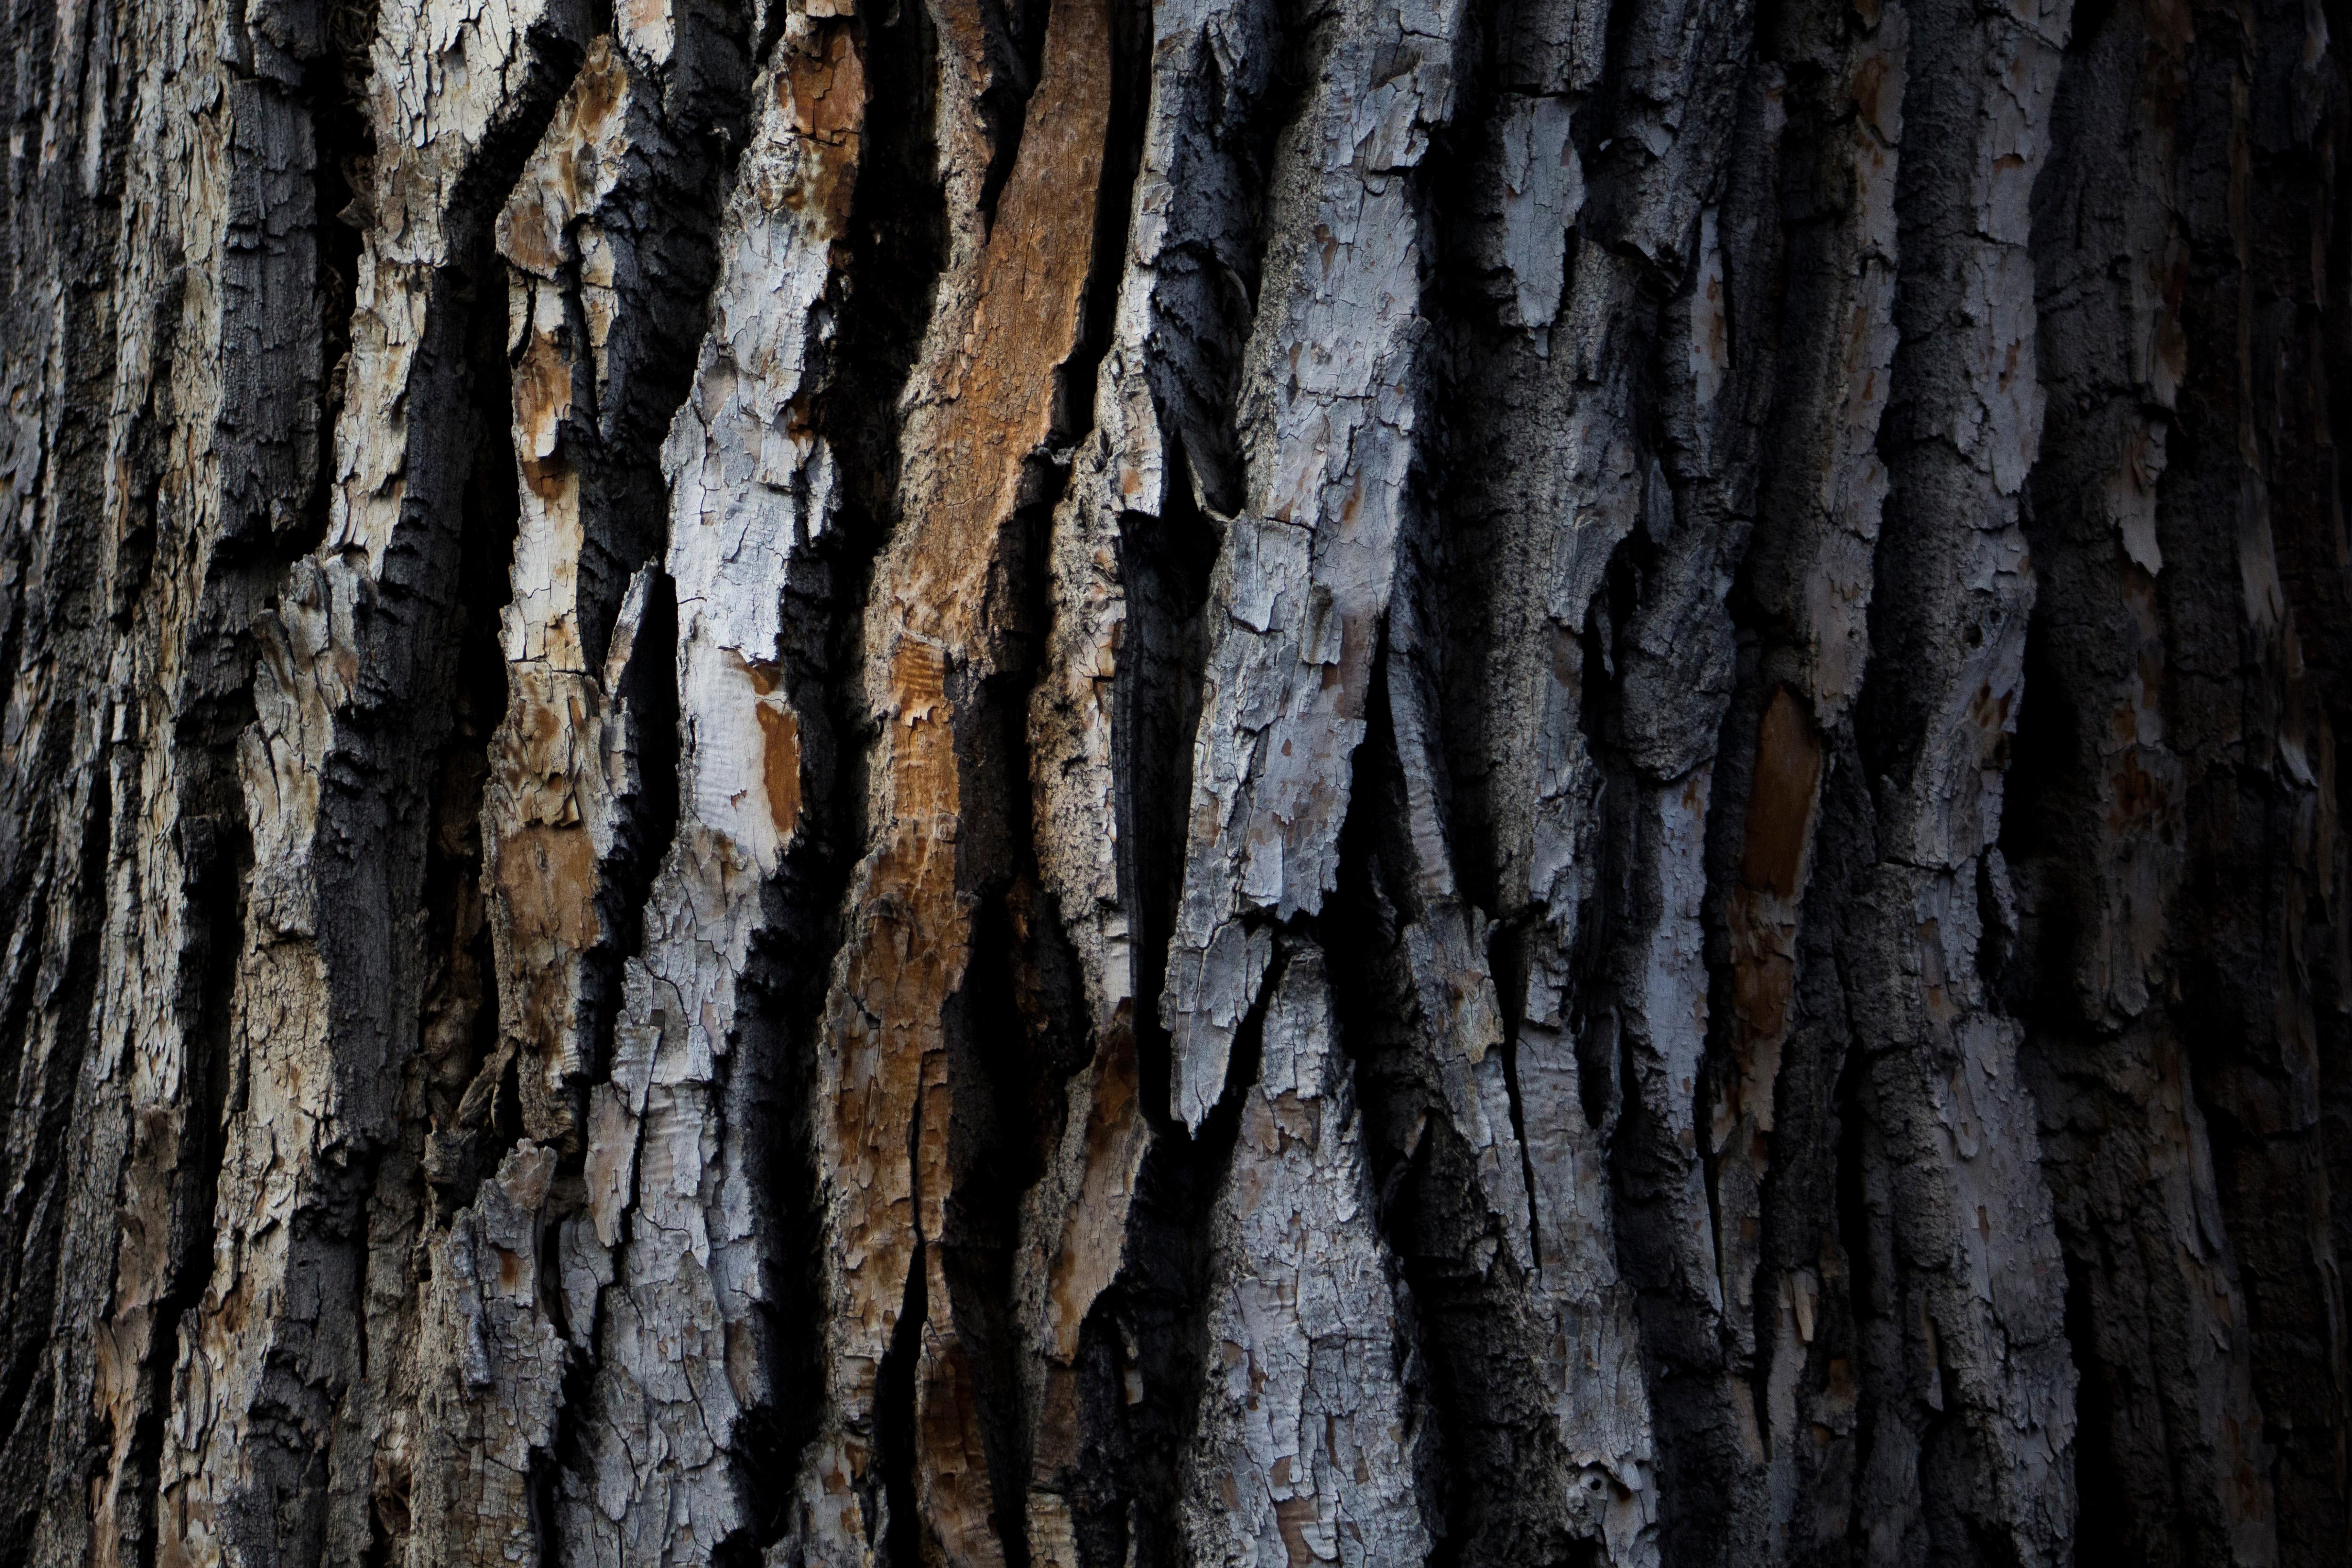 Tree Bark Texture Free Photo - ISO Republic